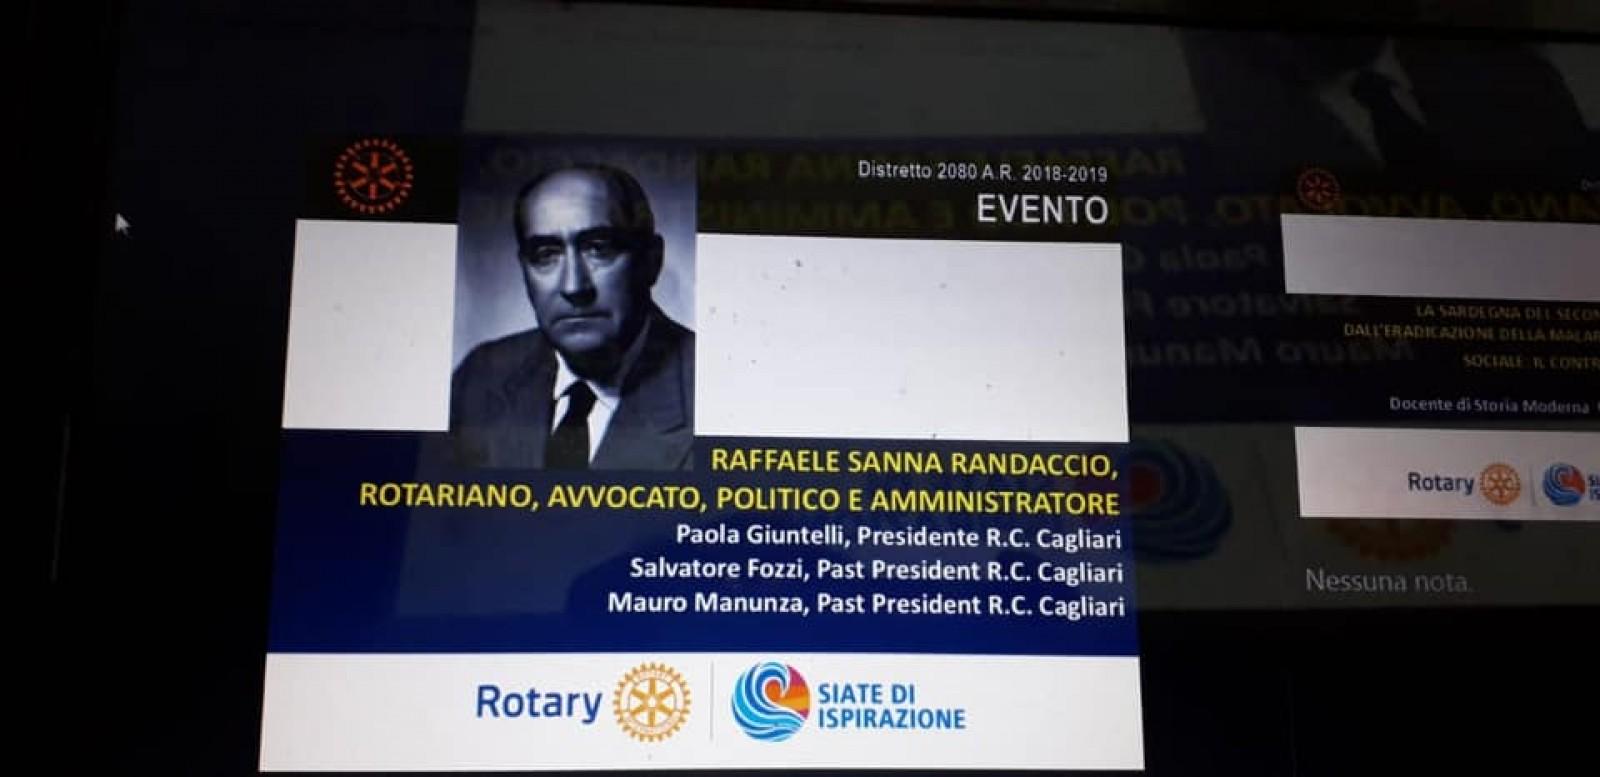 Gallery - Premio Interdistrettuale Sanna Randaccio per la solidarietà sociale